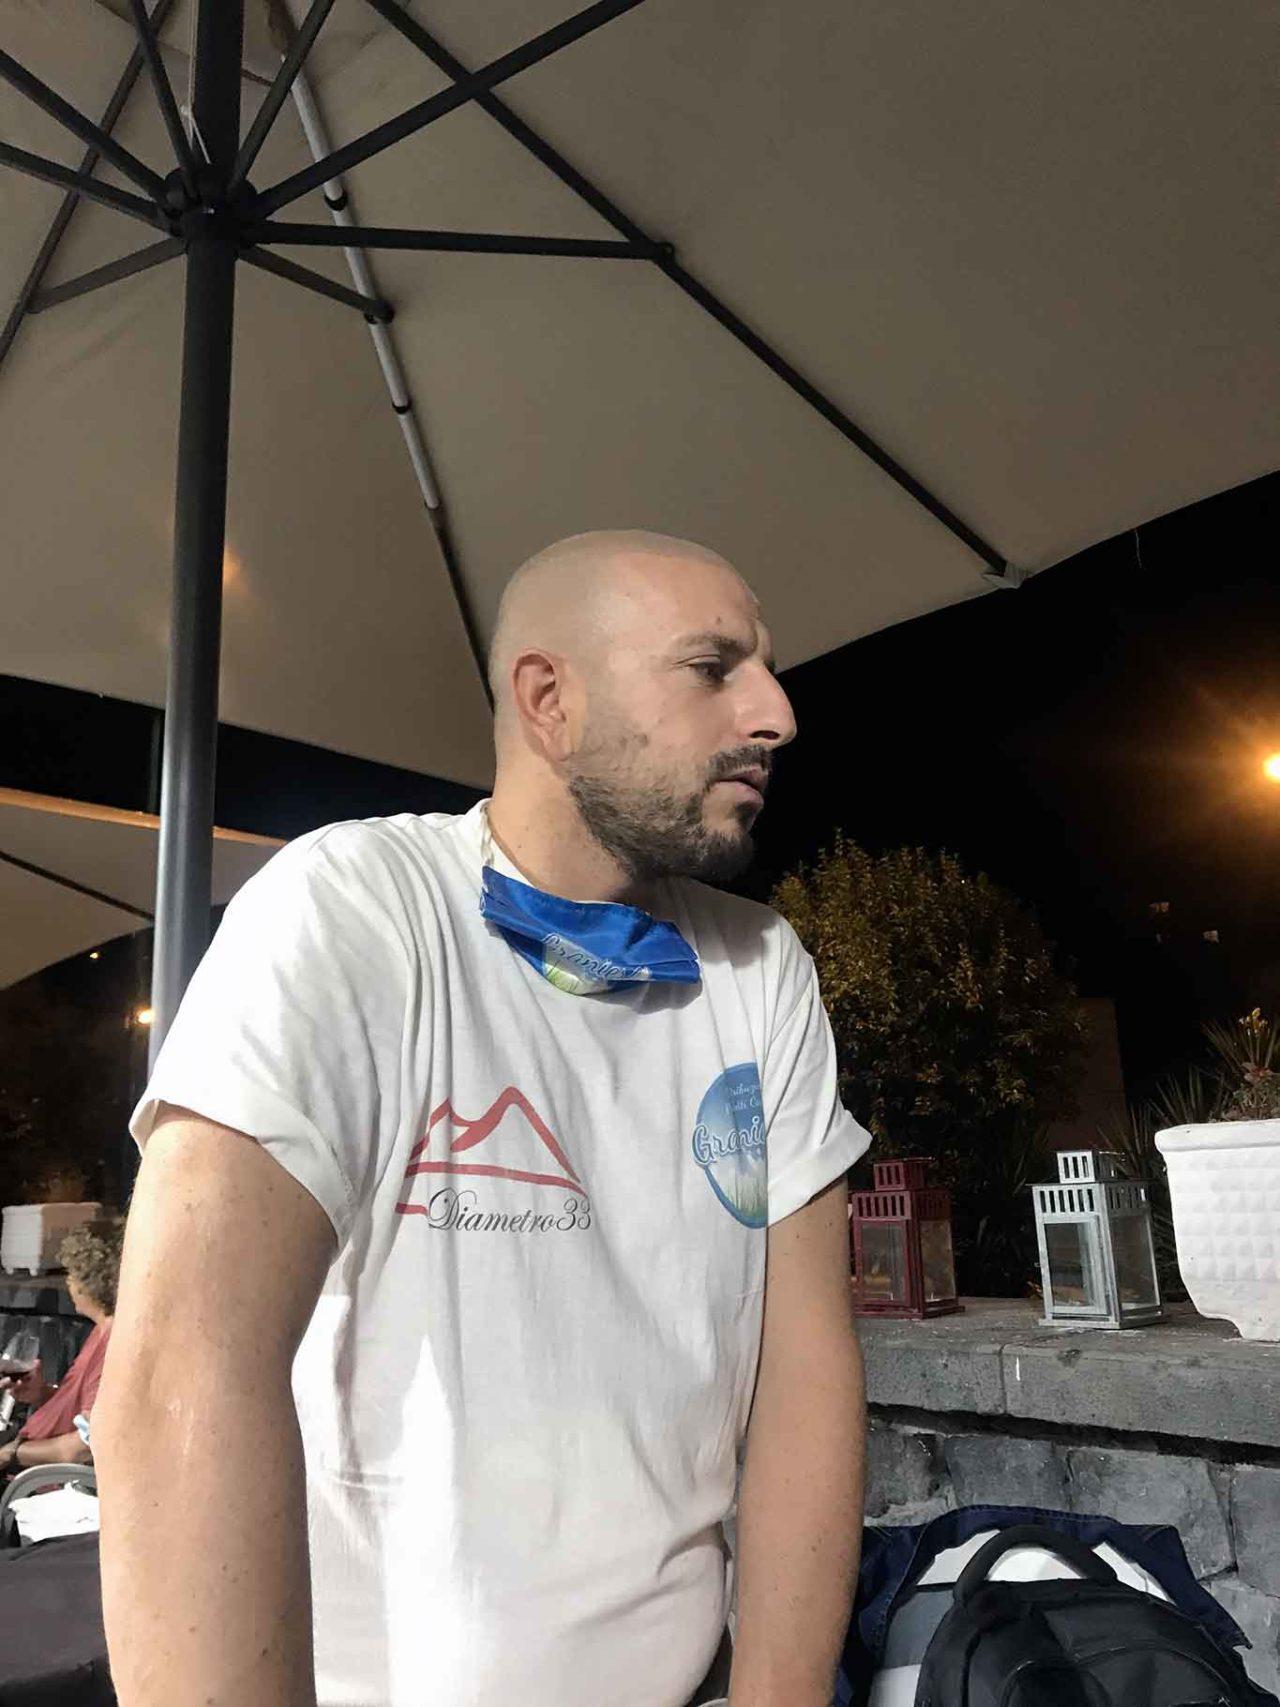 Giuseppe Uliano Diametro 33 Napoli